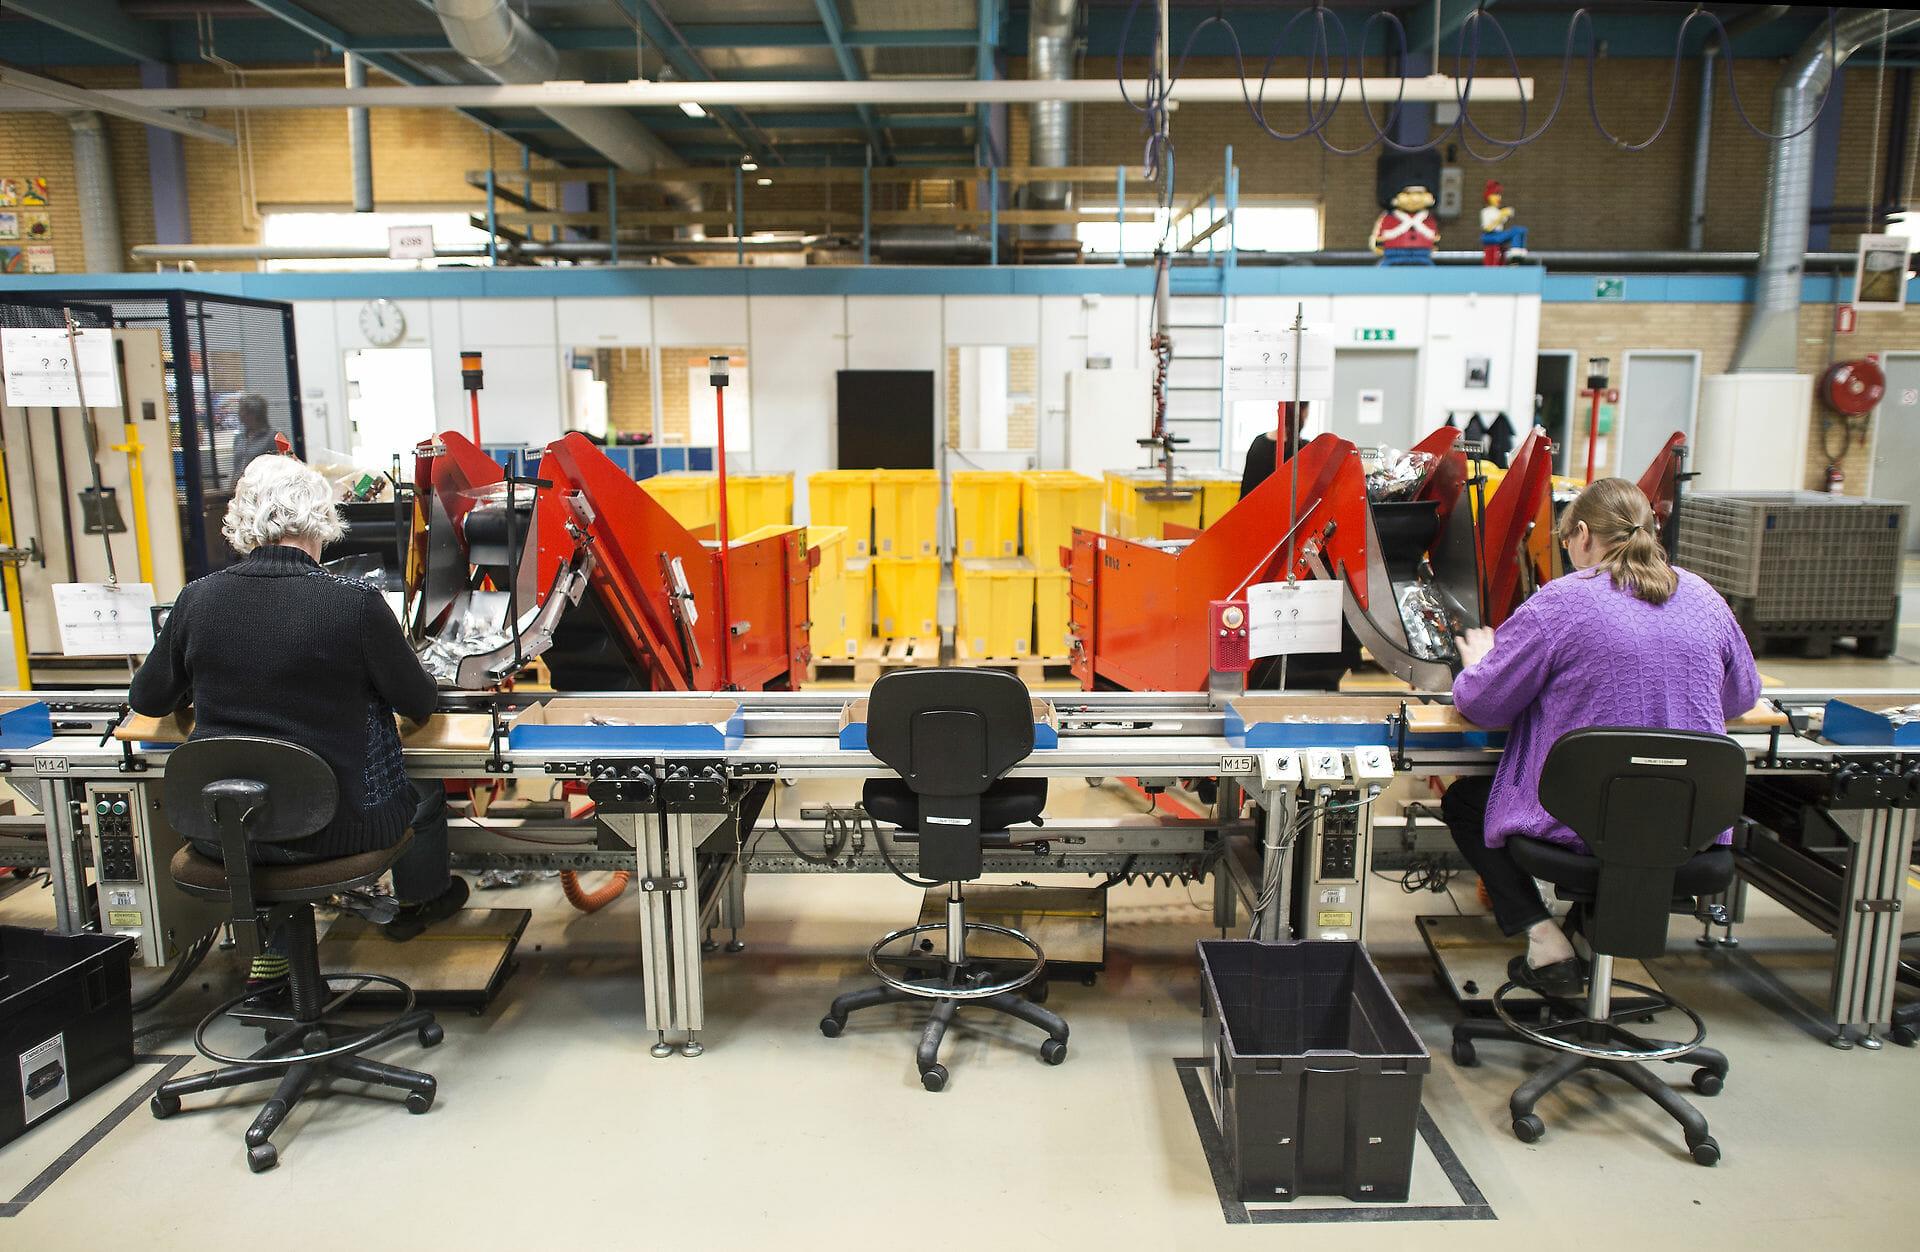 Globalisering: Flere danske virksomheder flytter produktionen hjem